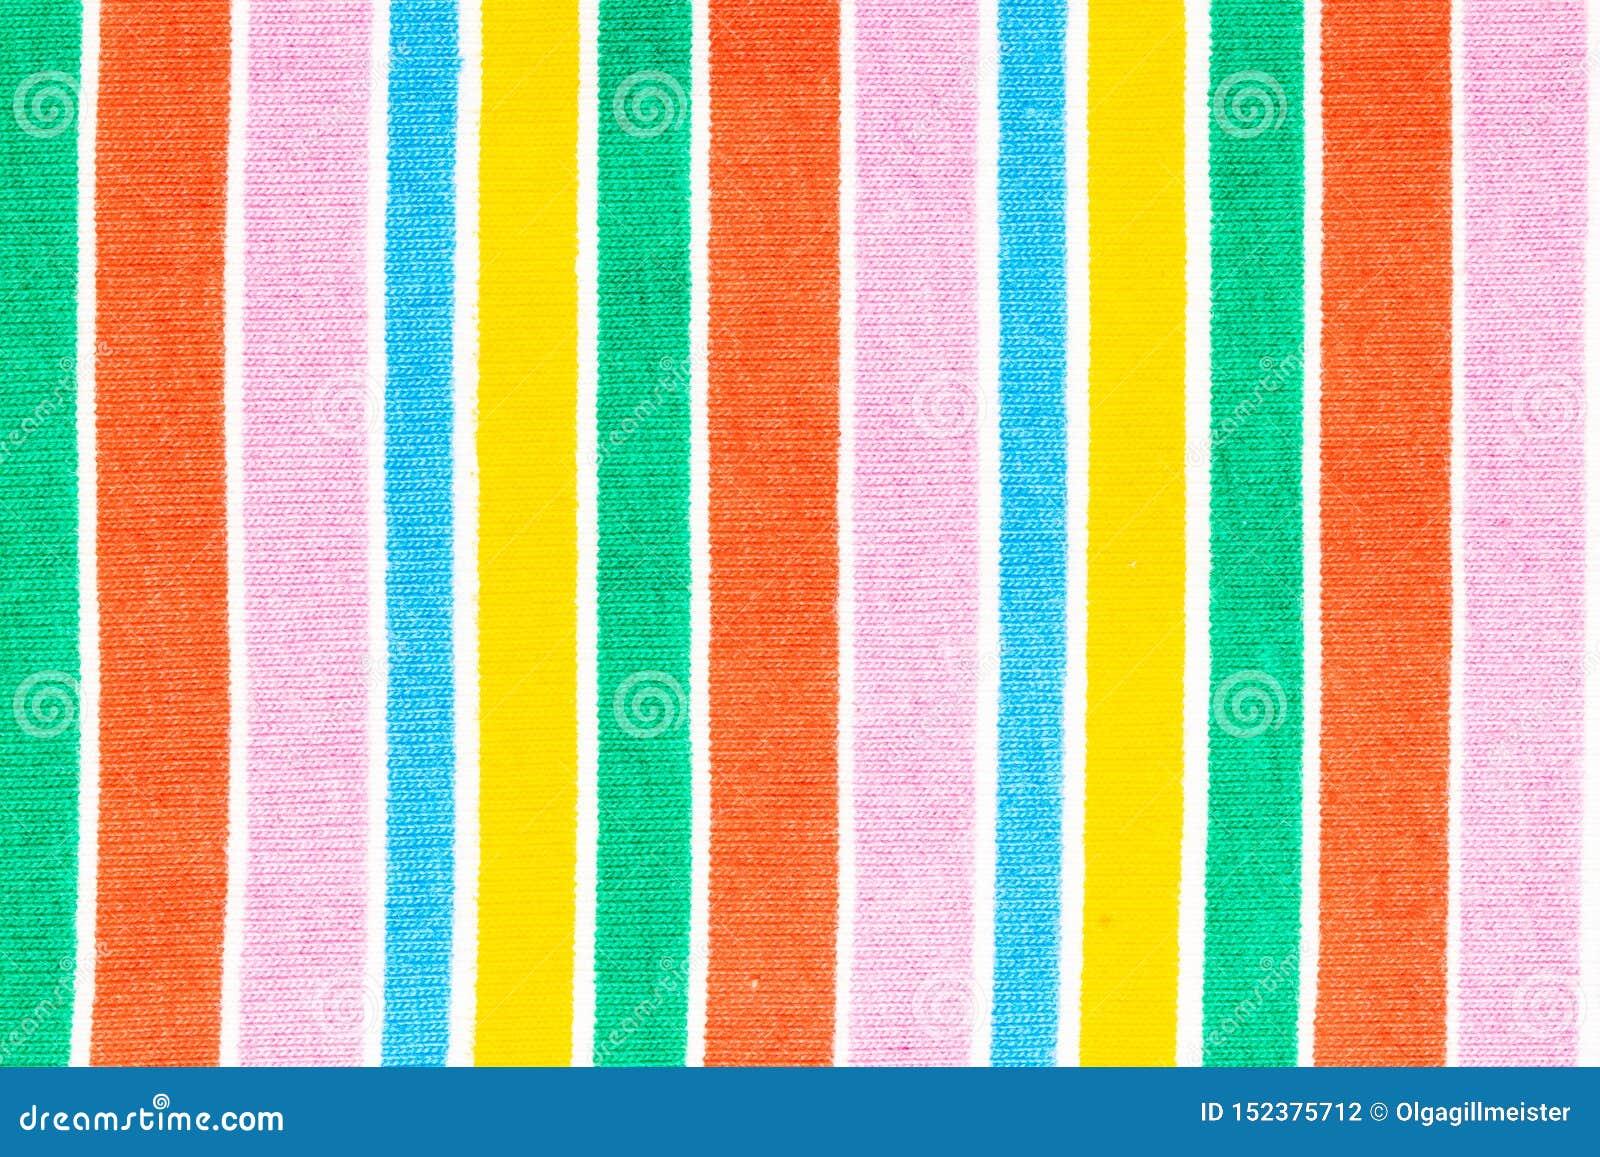 彩虹背景织品 彩虹纺织品特写镜头与新鲜的五颜六色的织地不很细平行的垂直条纹的 抽象夏天